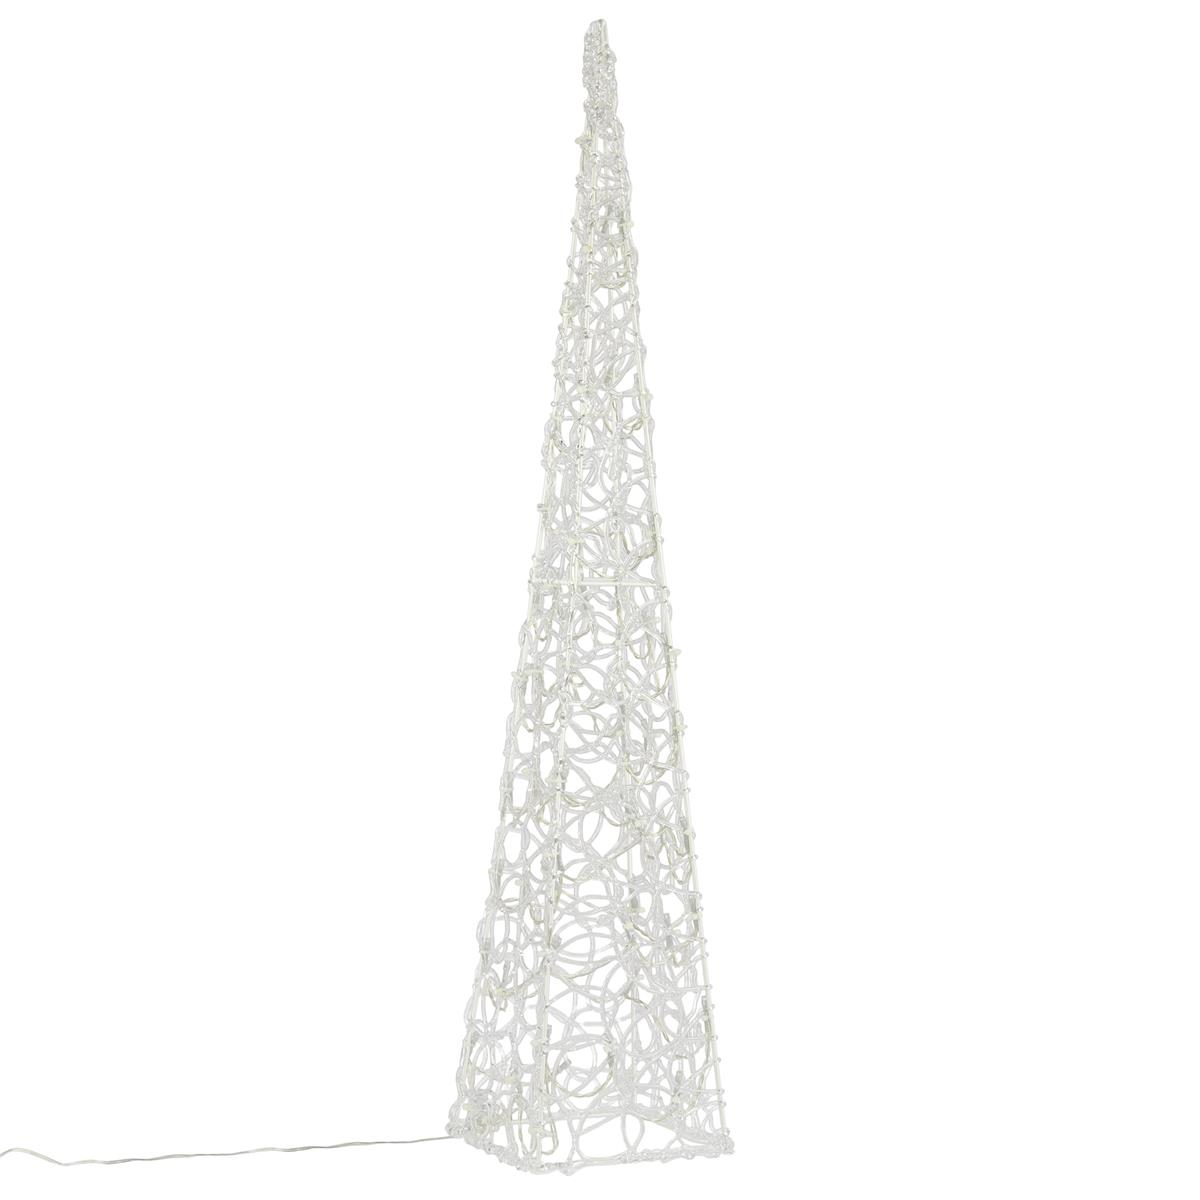 Lichterkegel 60 LED beleuchtete Pyramide Lichtpyramide weiß Acryl Trafo 90 cm Ti